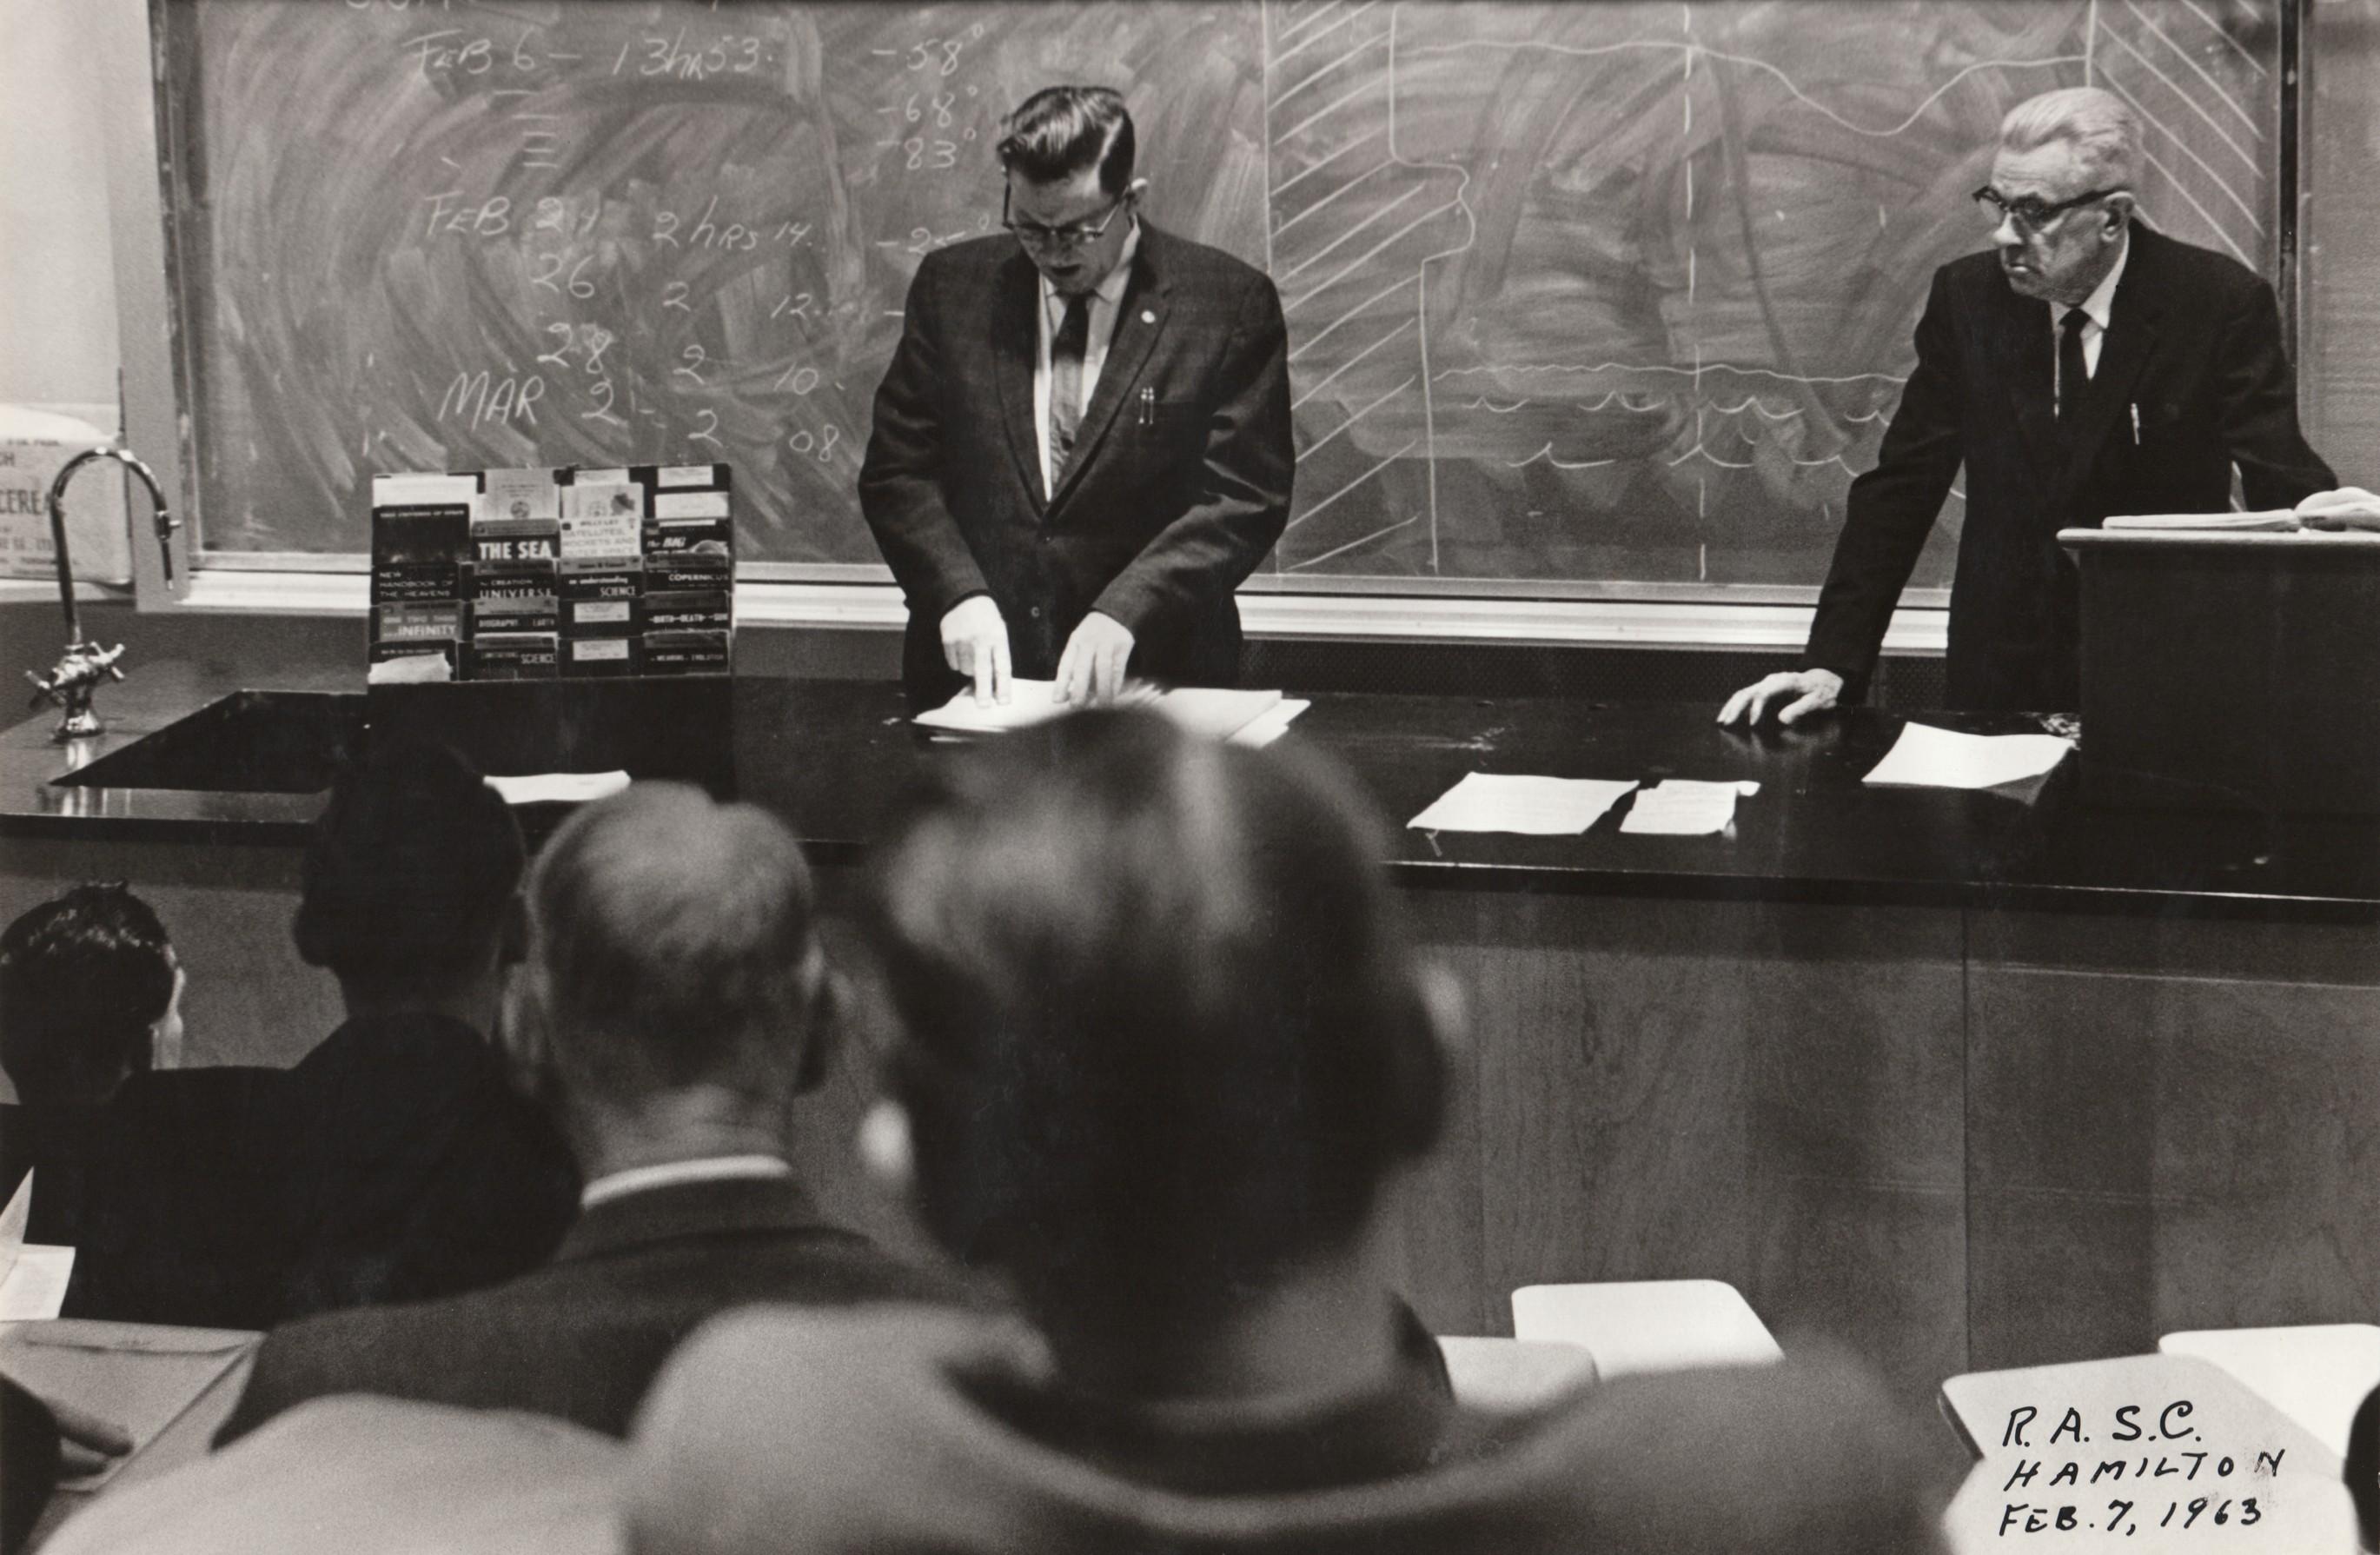 Hamilton 1963 Feb 7